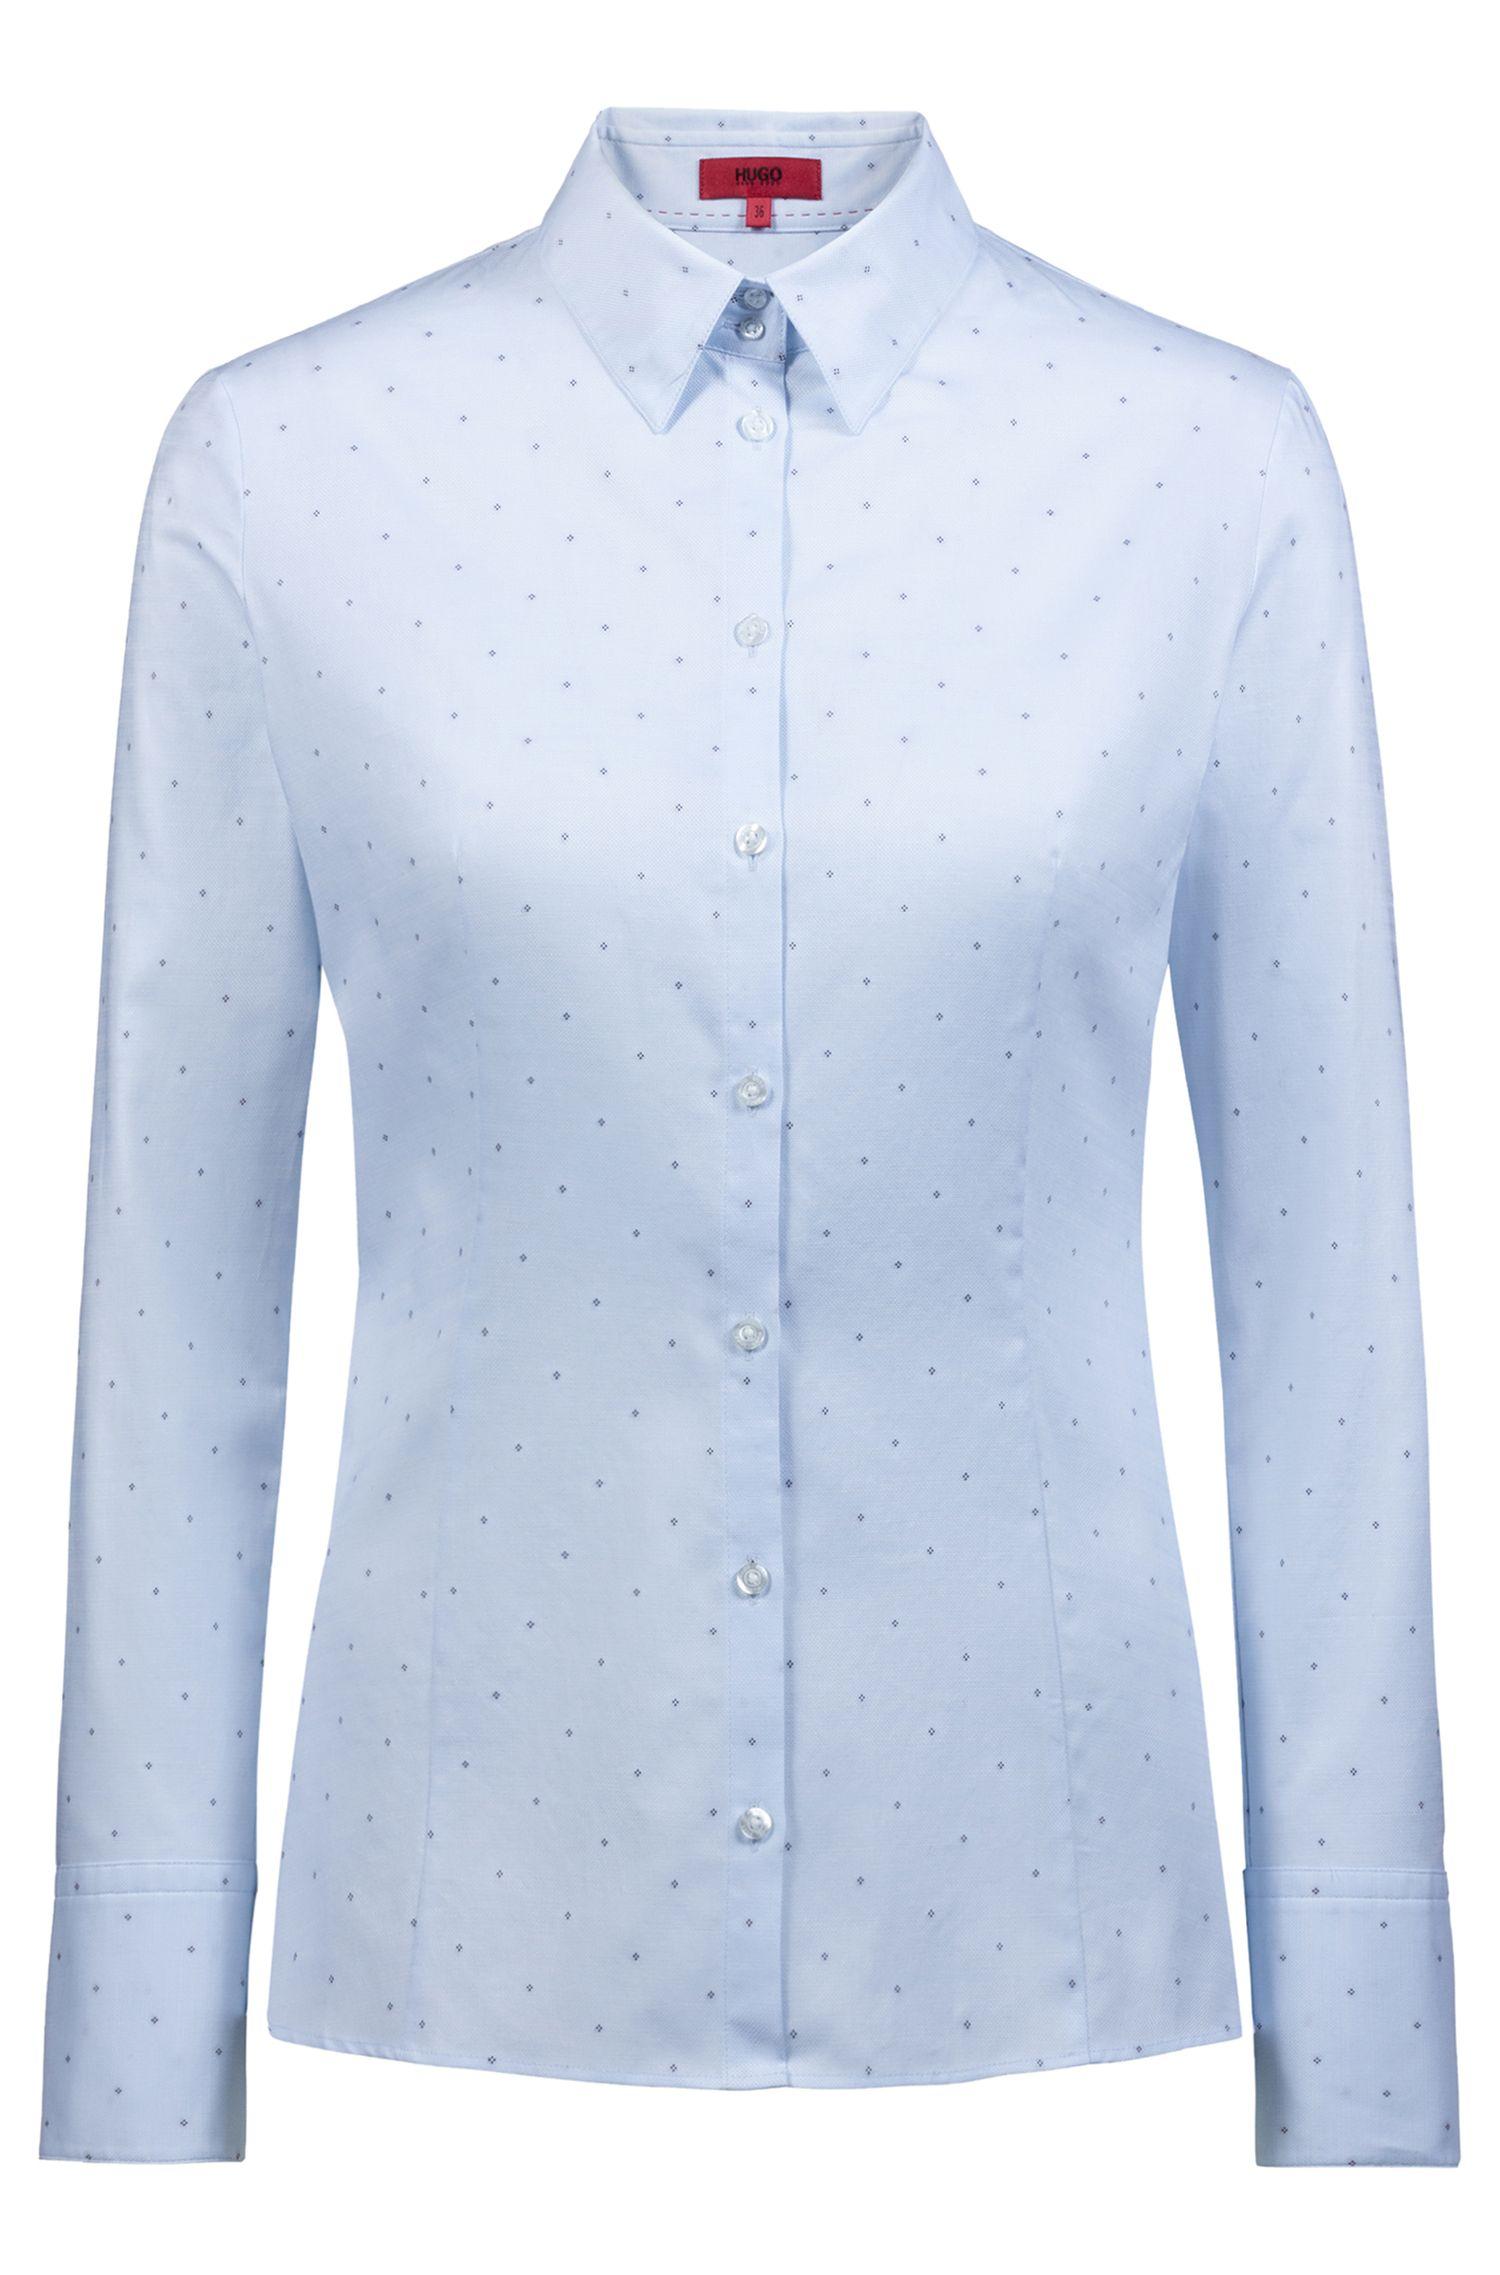 Slim-Fit Bluse aus Baumwolle mit Fil-coupé-Muster, Blau